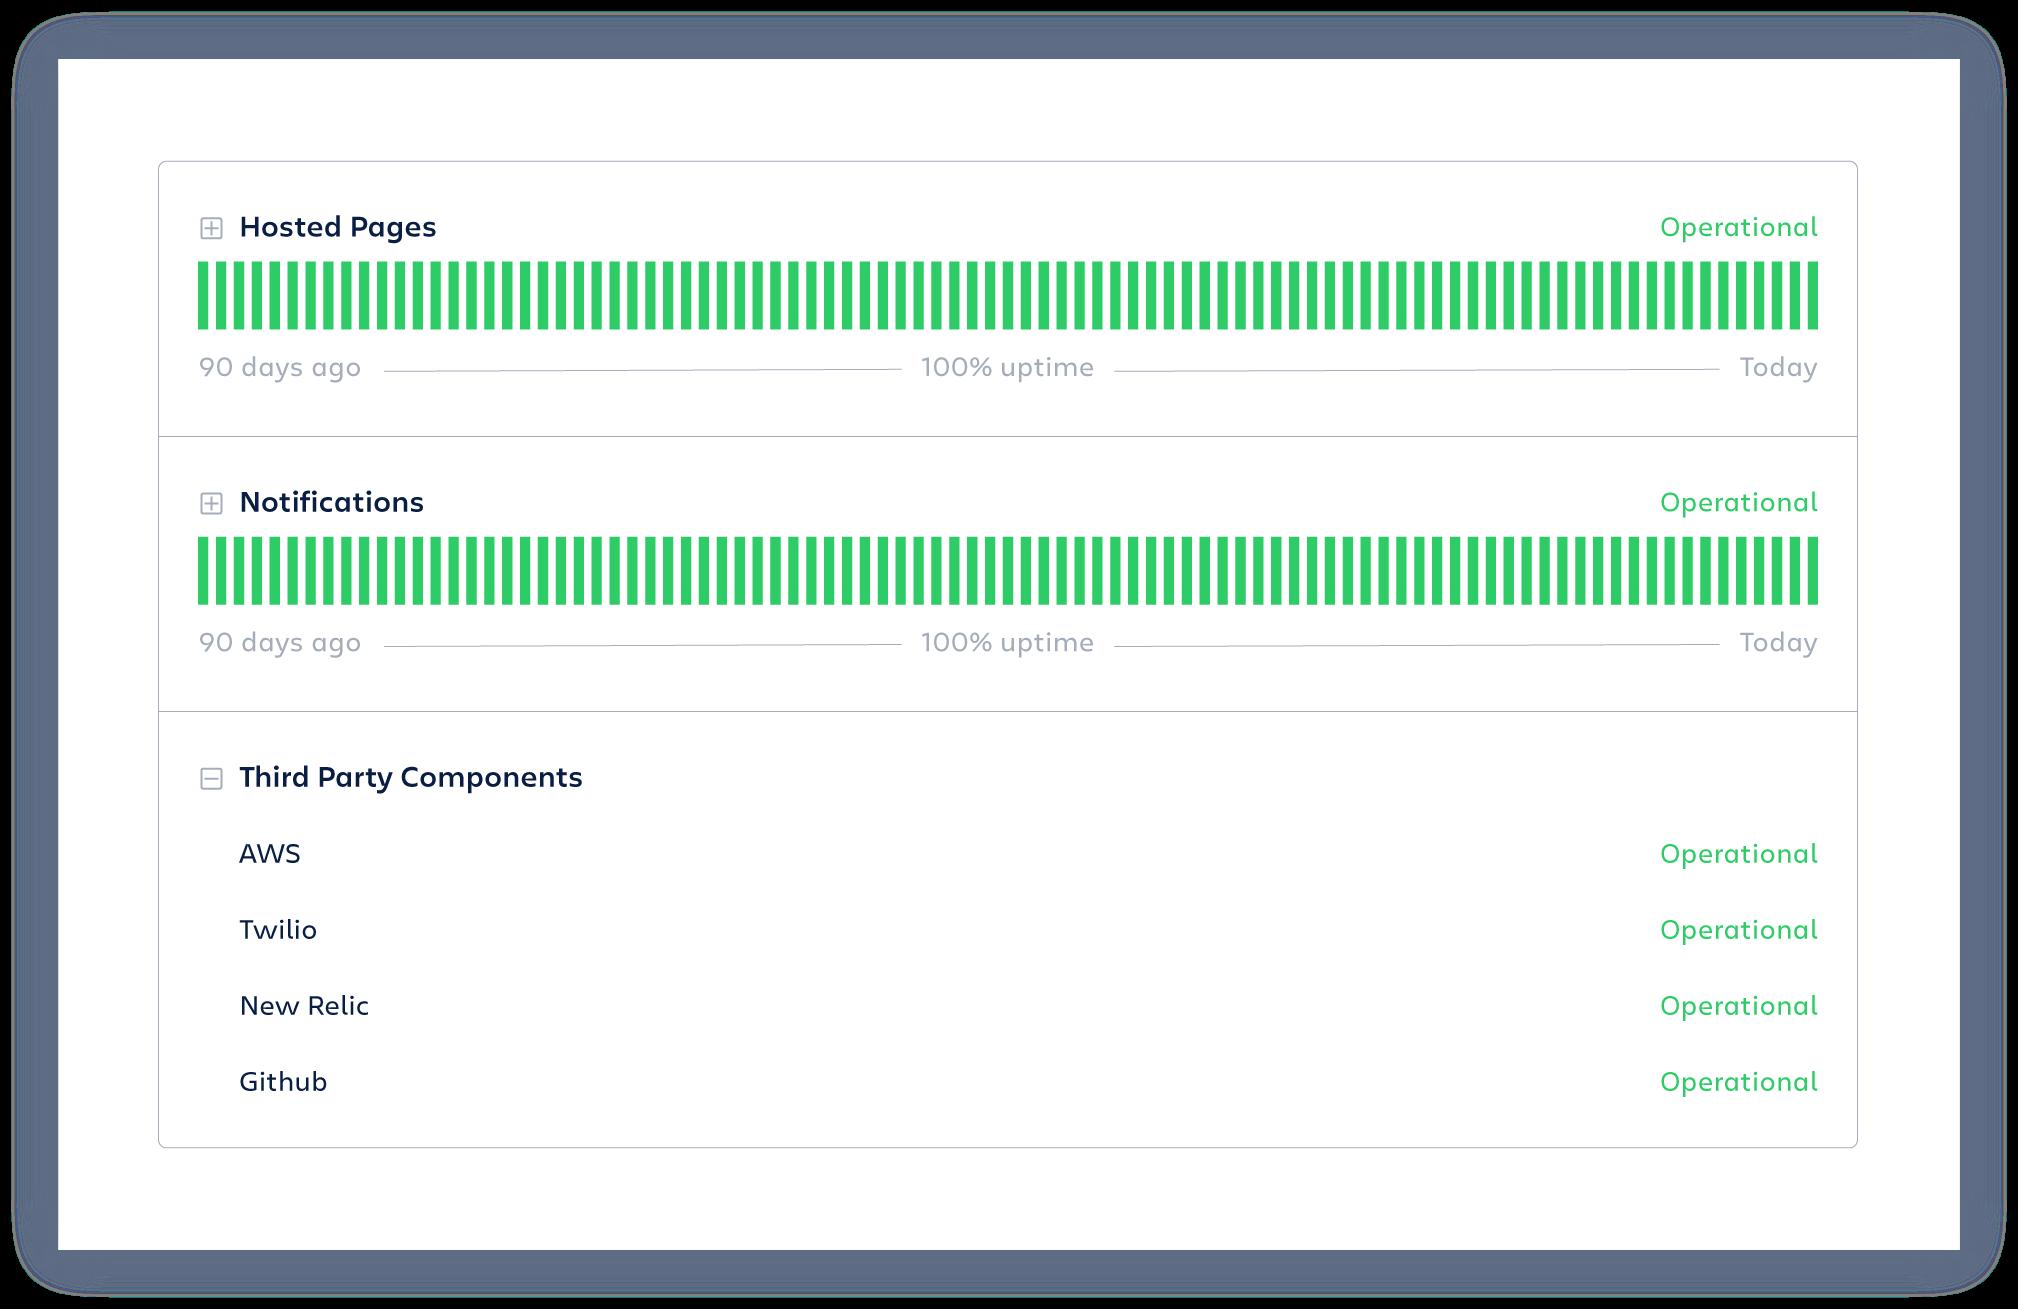 Okno przedstawiające stan różnych usług (np. hostowane strony, powiadomienia) oraz ich czas pracy